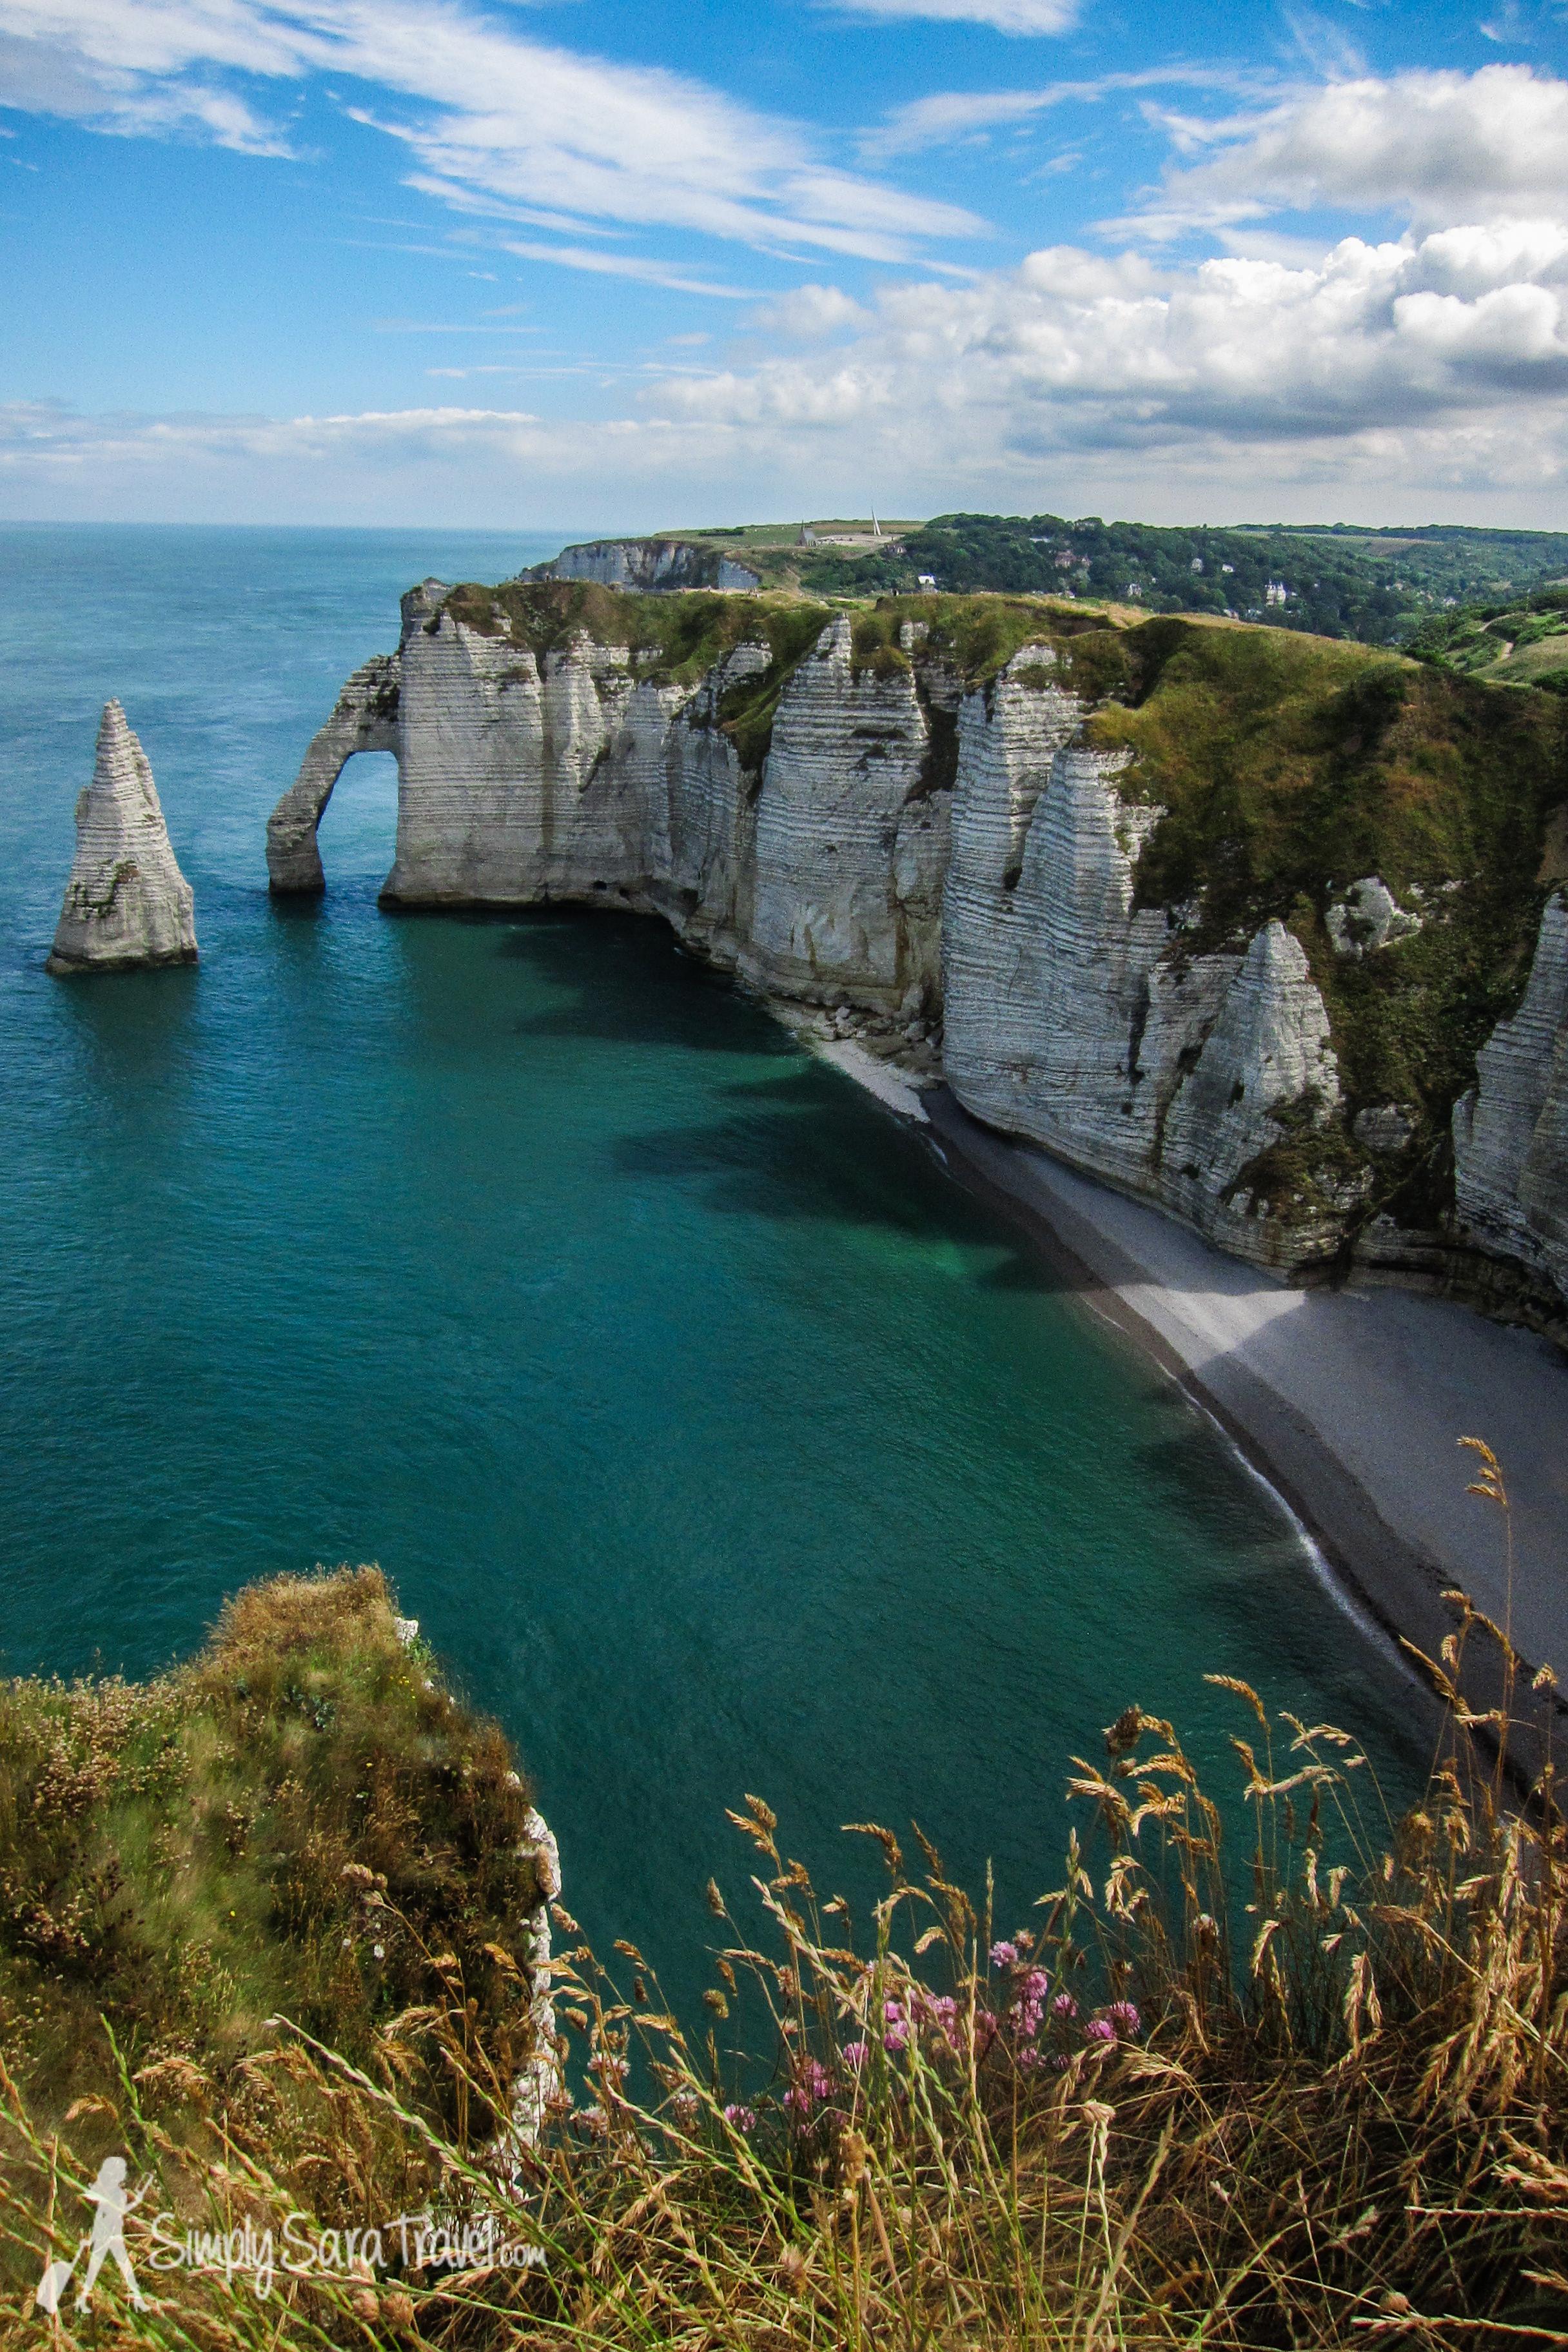 The beautiful white cliffs ofÉtretat that make up part of France's La Côte d'Albâtre ( Alabaster Coast ). (July 2013)